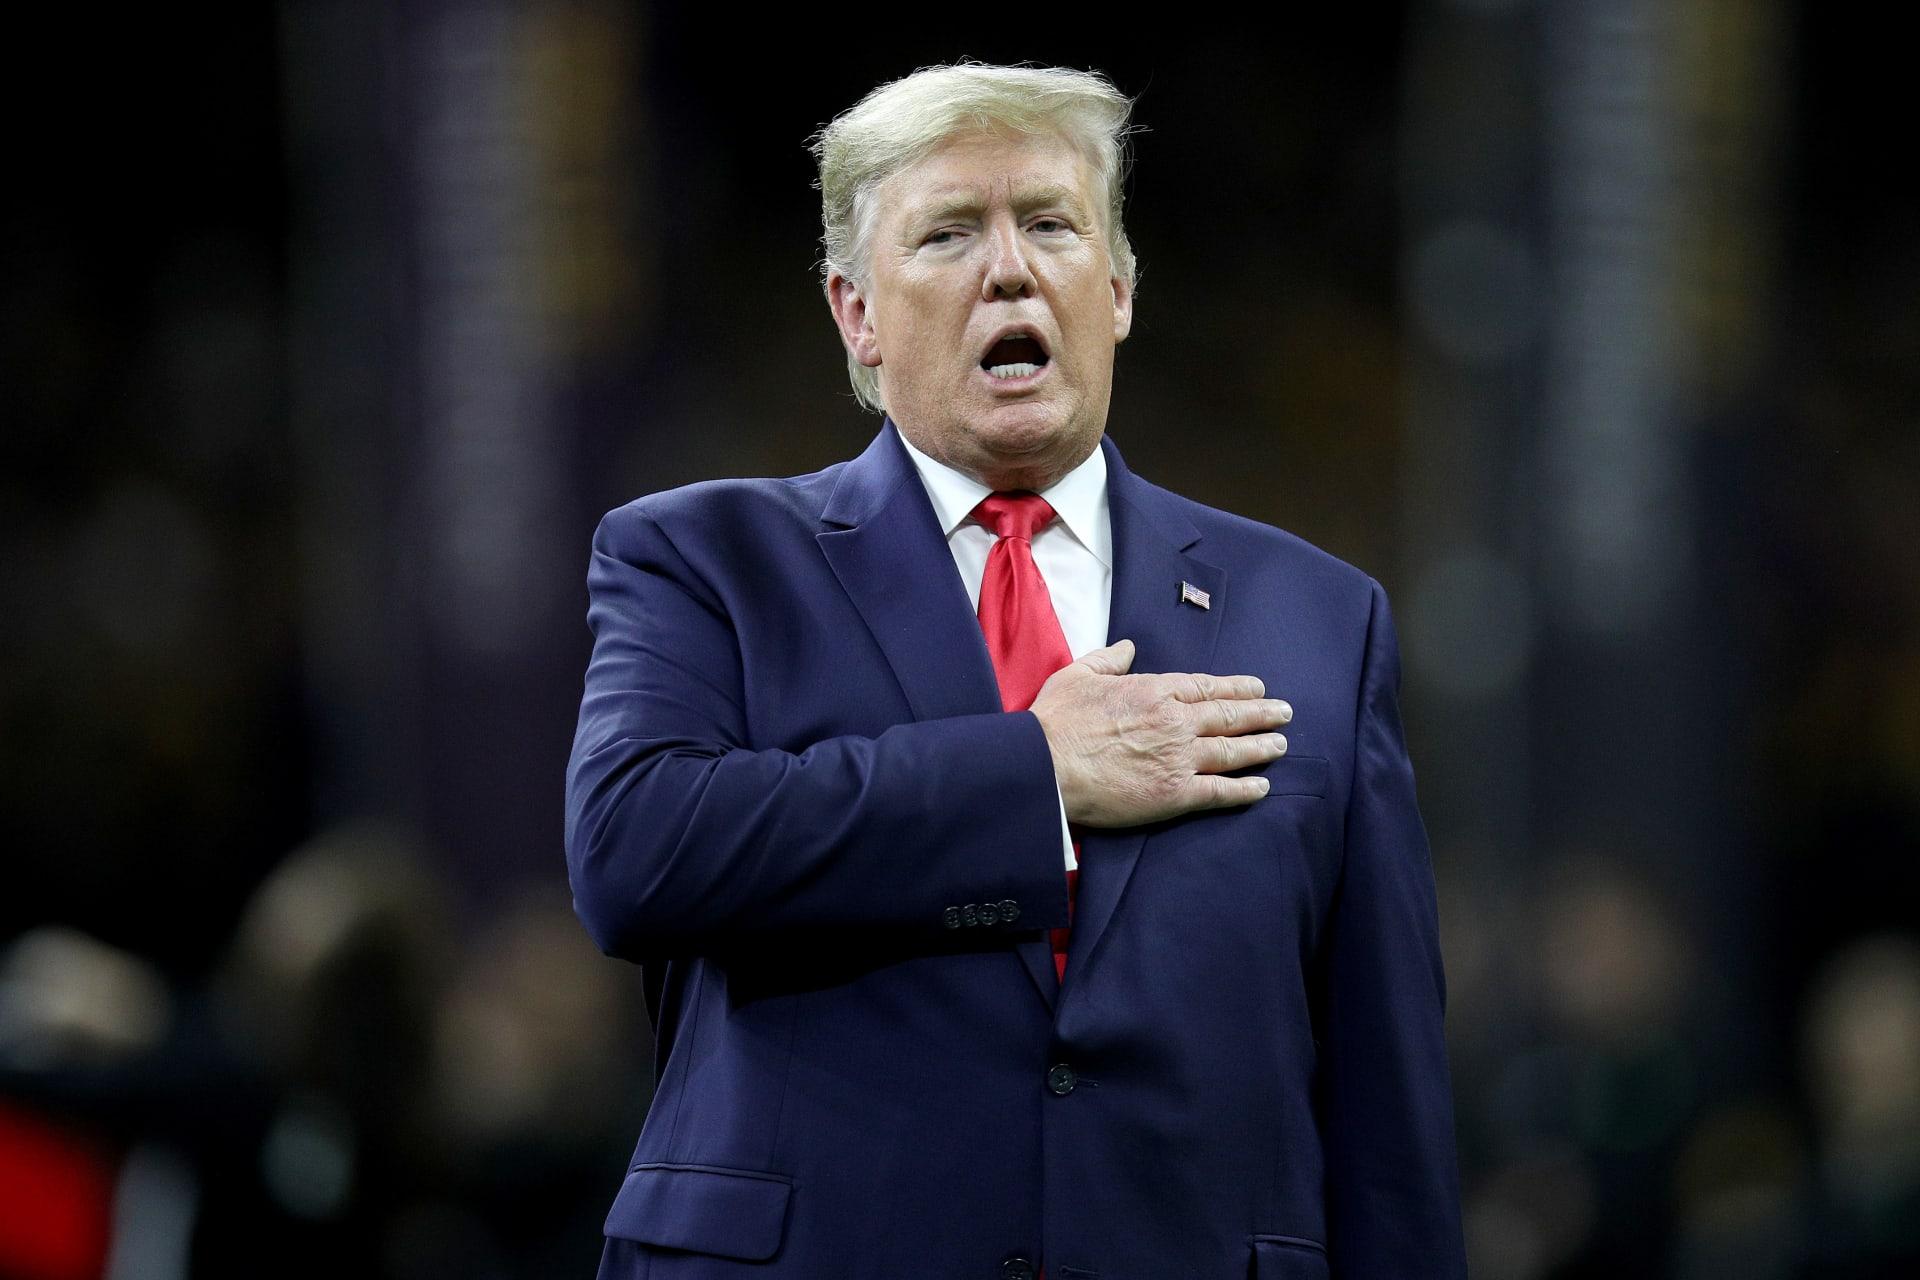 مساءلة ترامب.. مرافعات مُكثفة بمجلس الشيوخ.. واحتمال إعلان برائته الأسبوع المُقبل